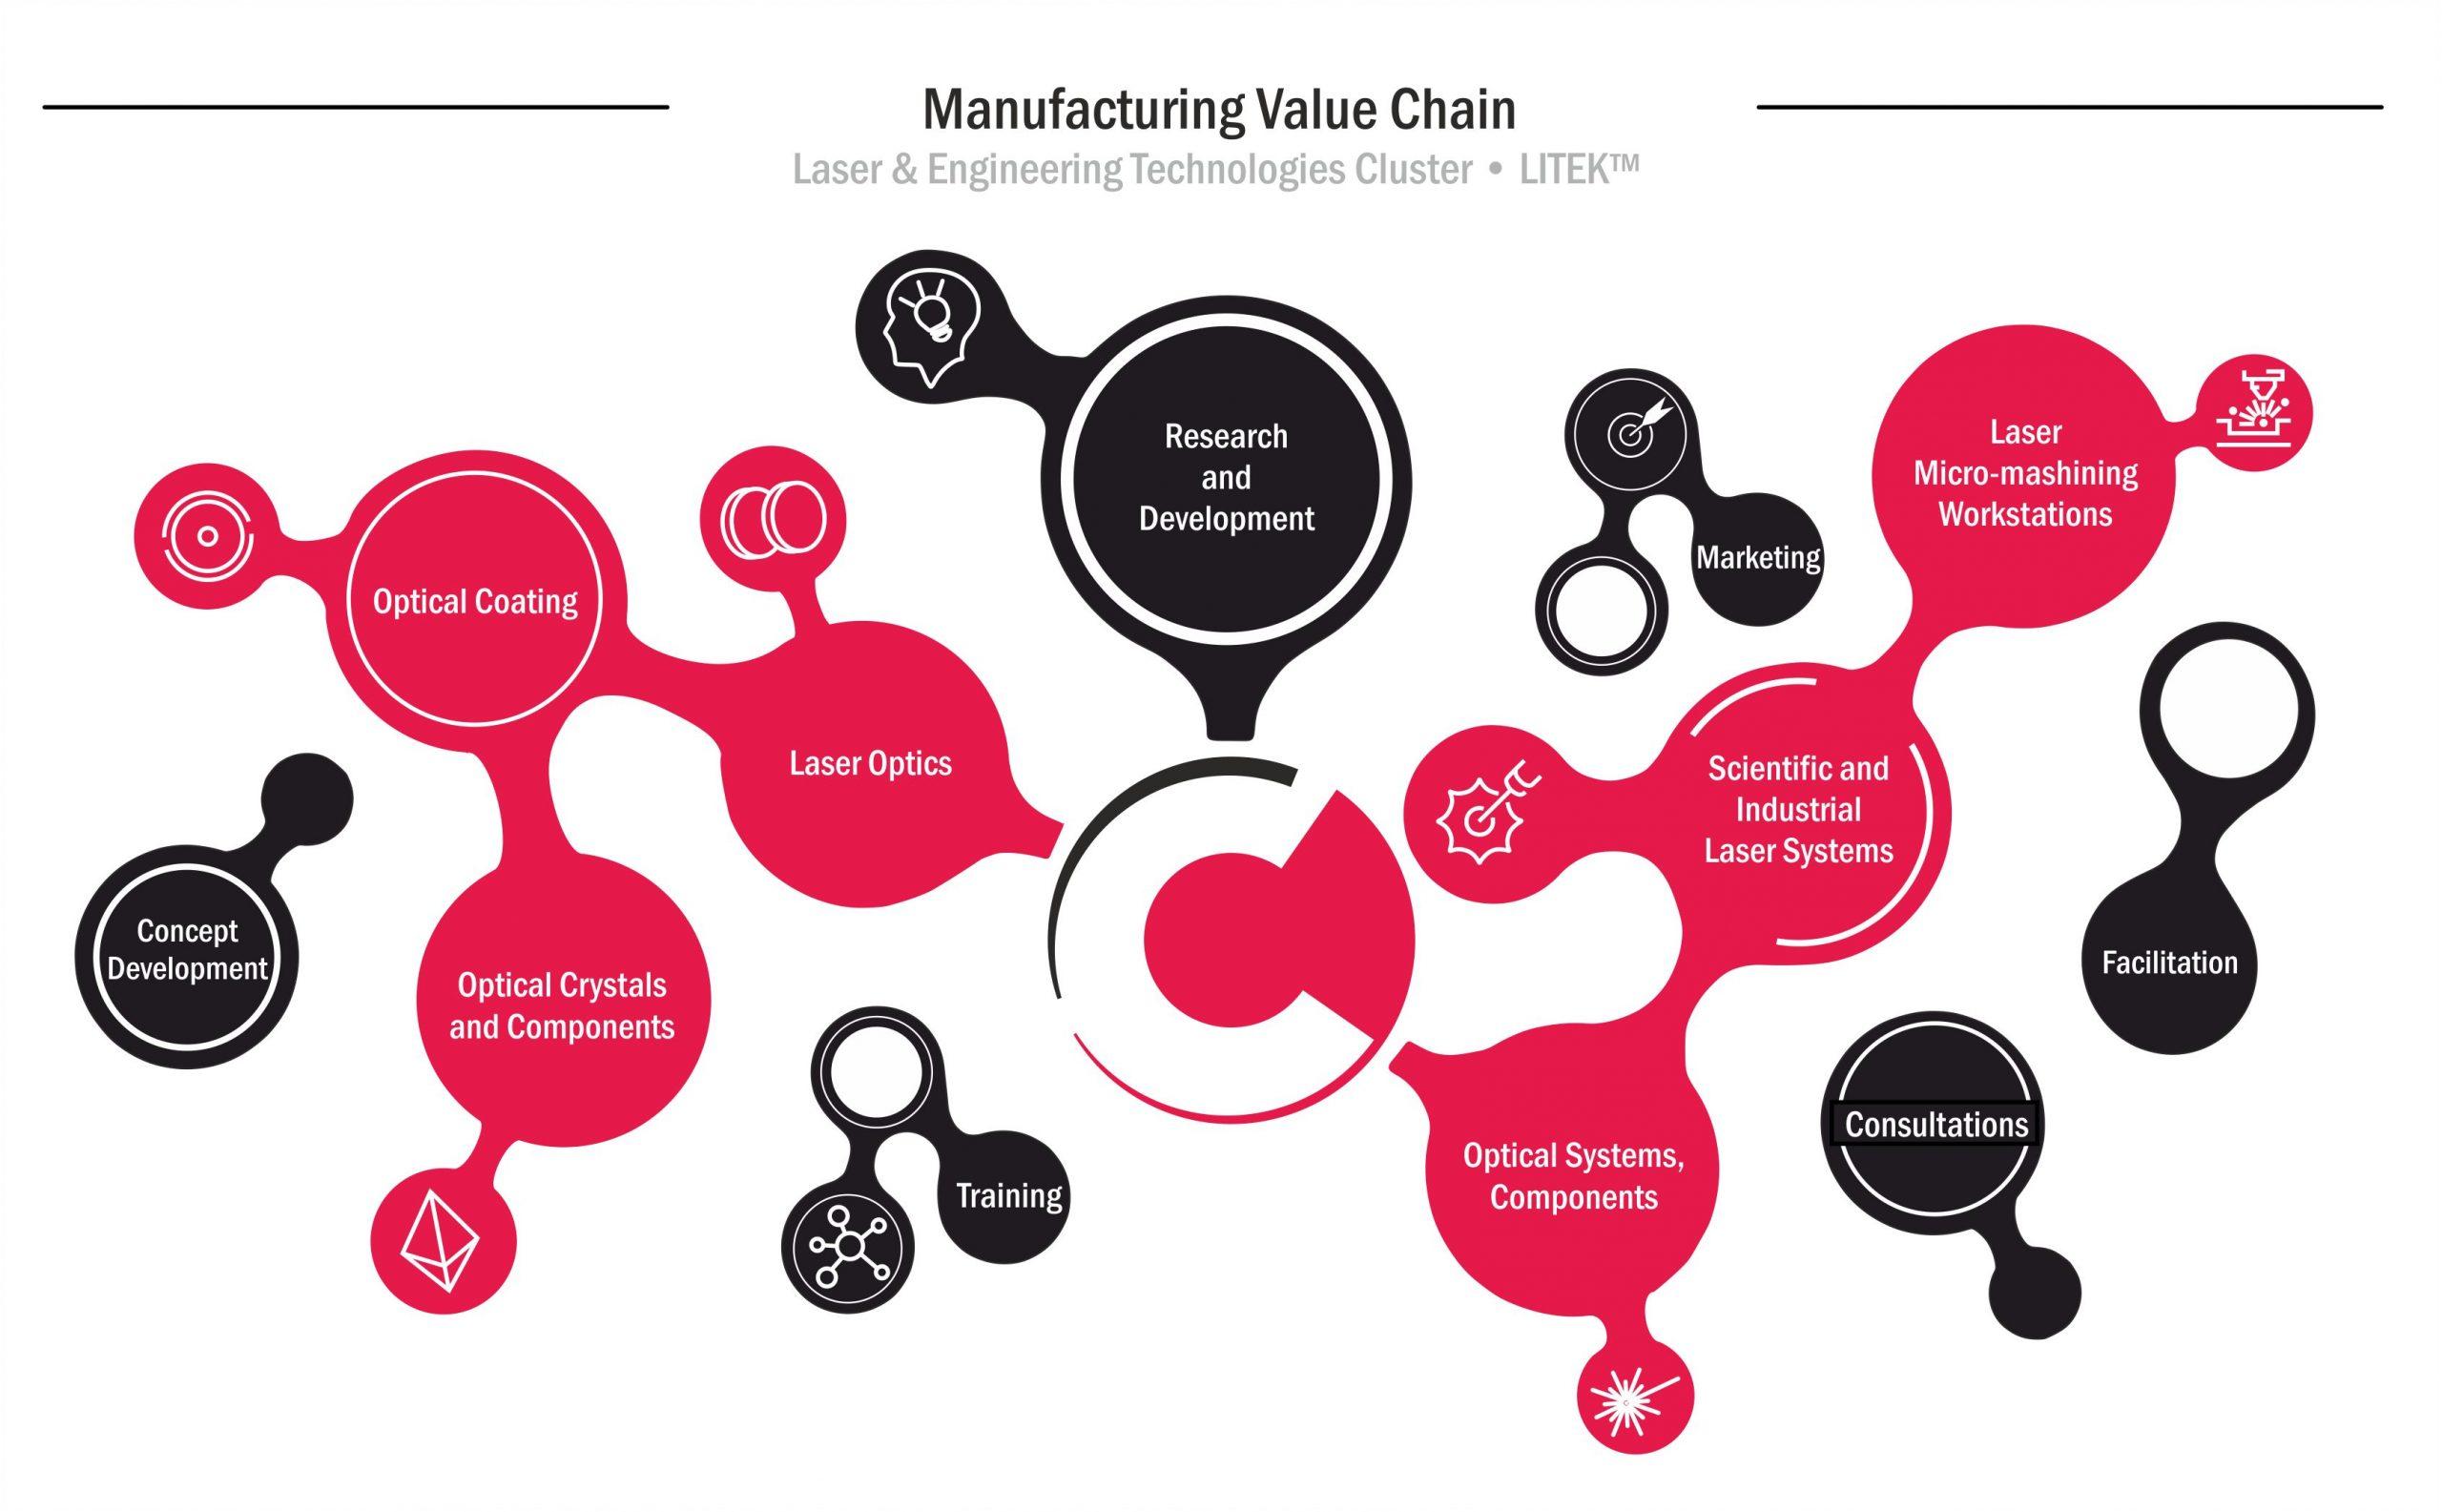 LITEK Manufacturing Value Chain